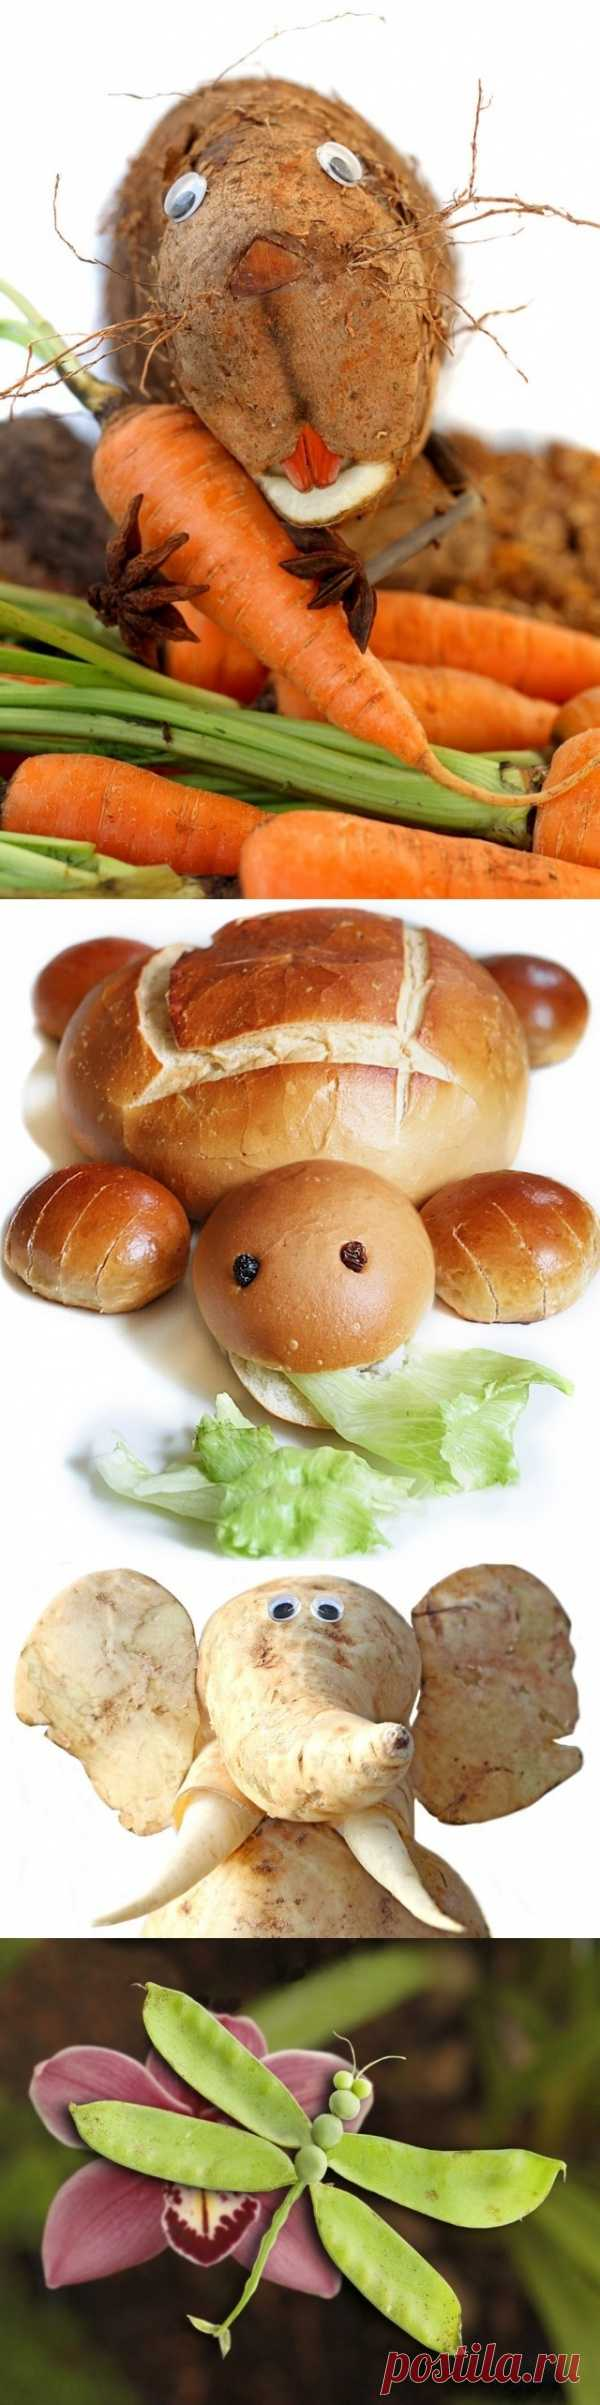 Креативные фото еды бразильского фотографа Ванессы Дуалиб (для получения информации нажмите 2 раза на картинку)